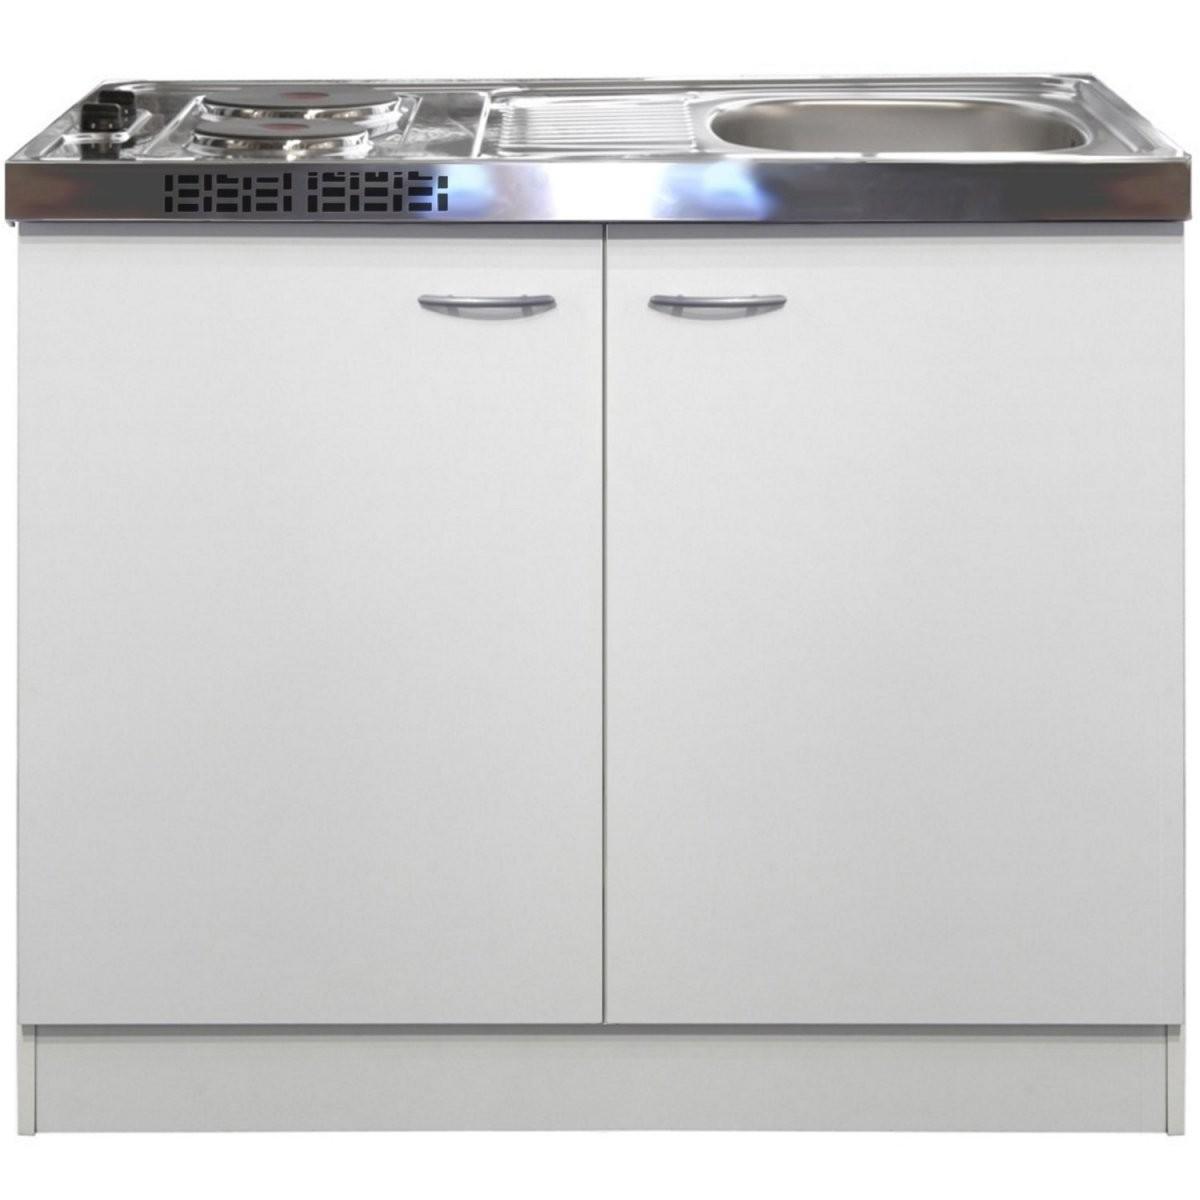 Miniküchen  Pantryküchen Online Kaufen Bei Obi  Obi von Pantryküche 100 Cm Mit Kühlschrank Photo